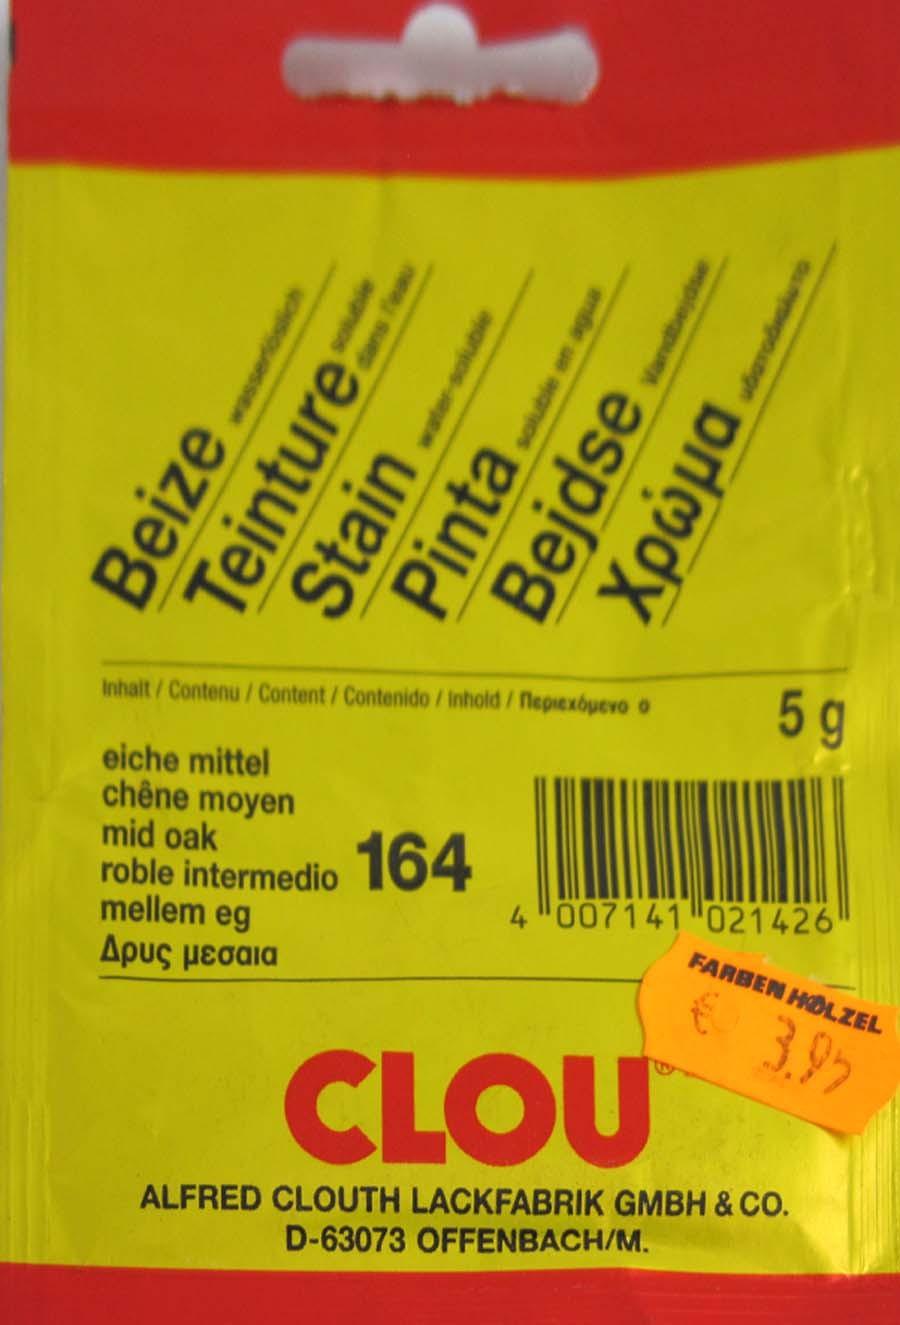 Beize Eiche mittel 164 wasserlöslich 5 g Clou